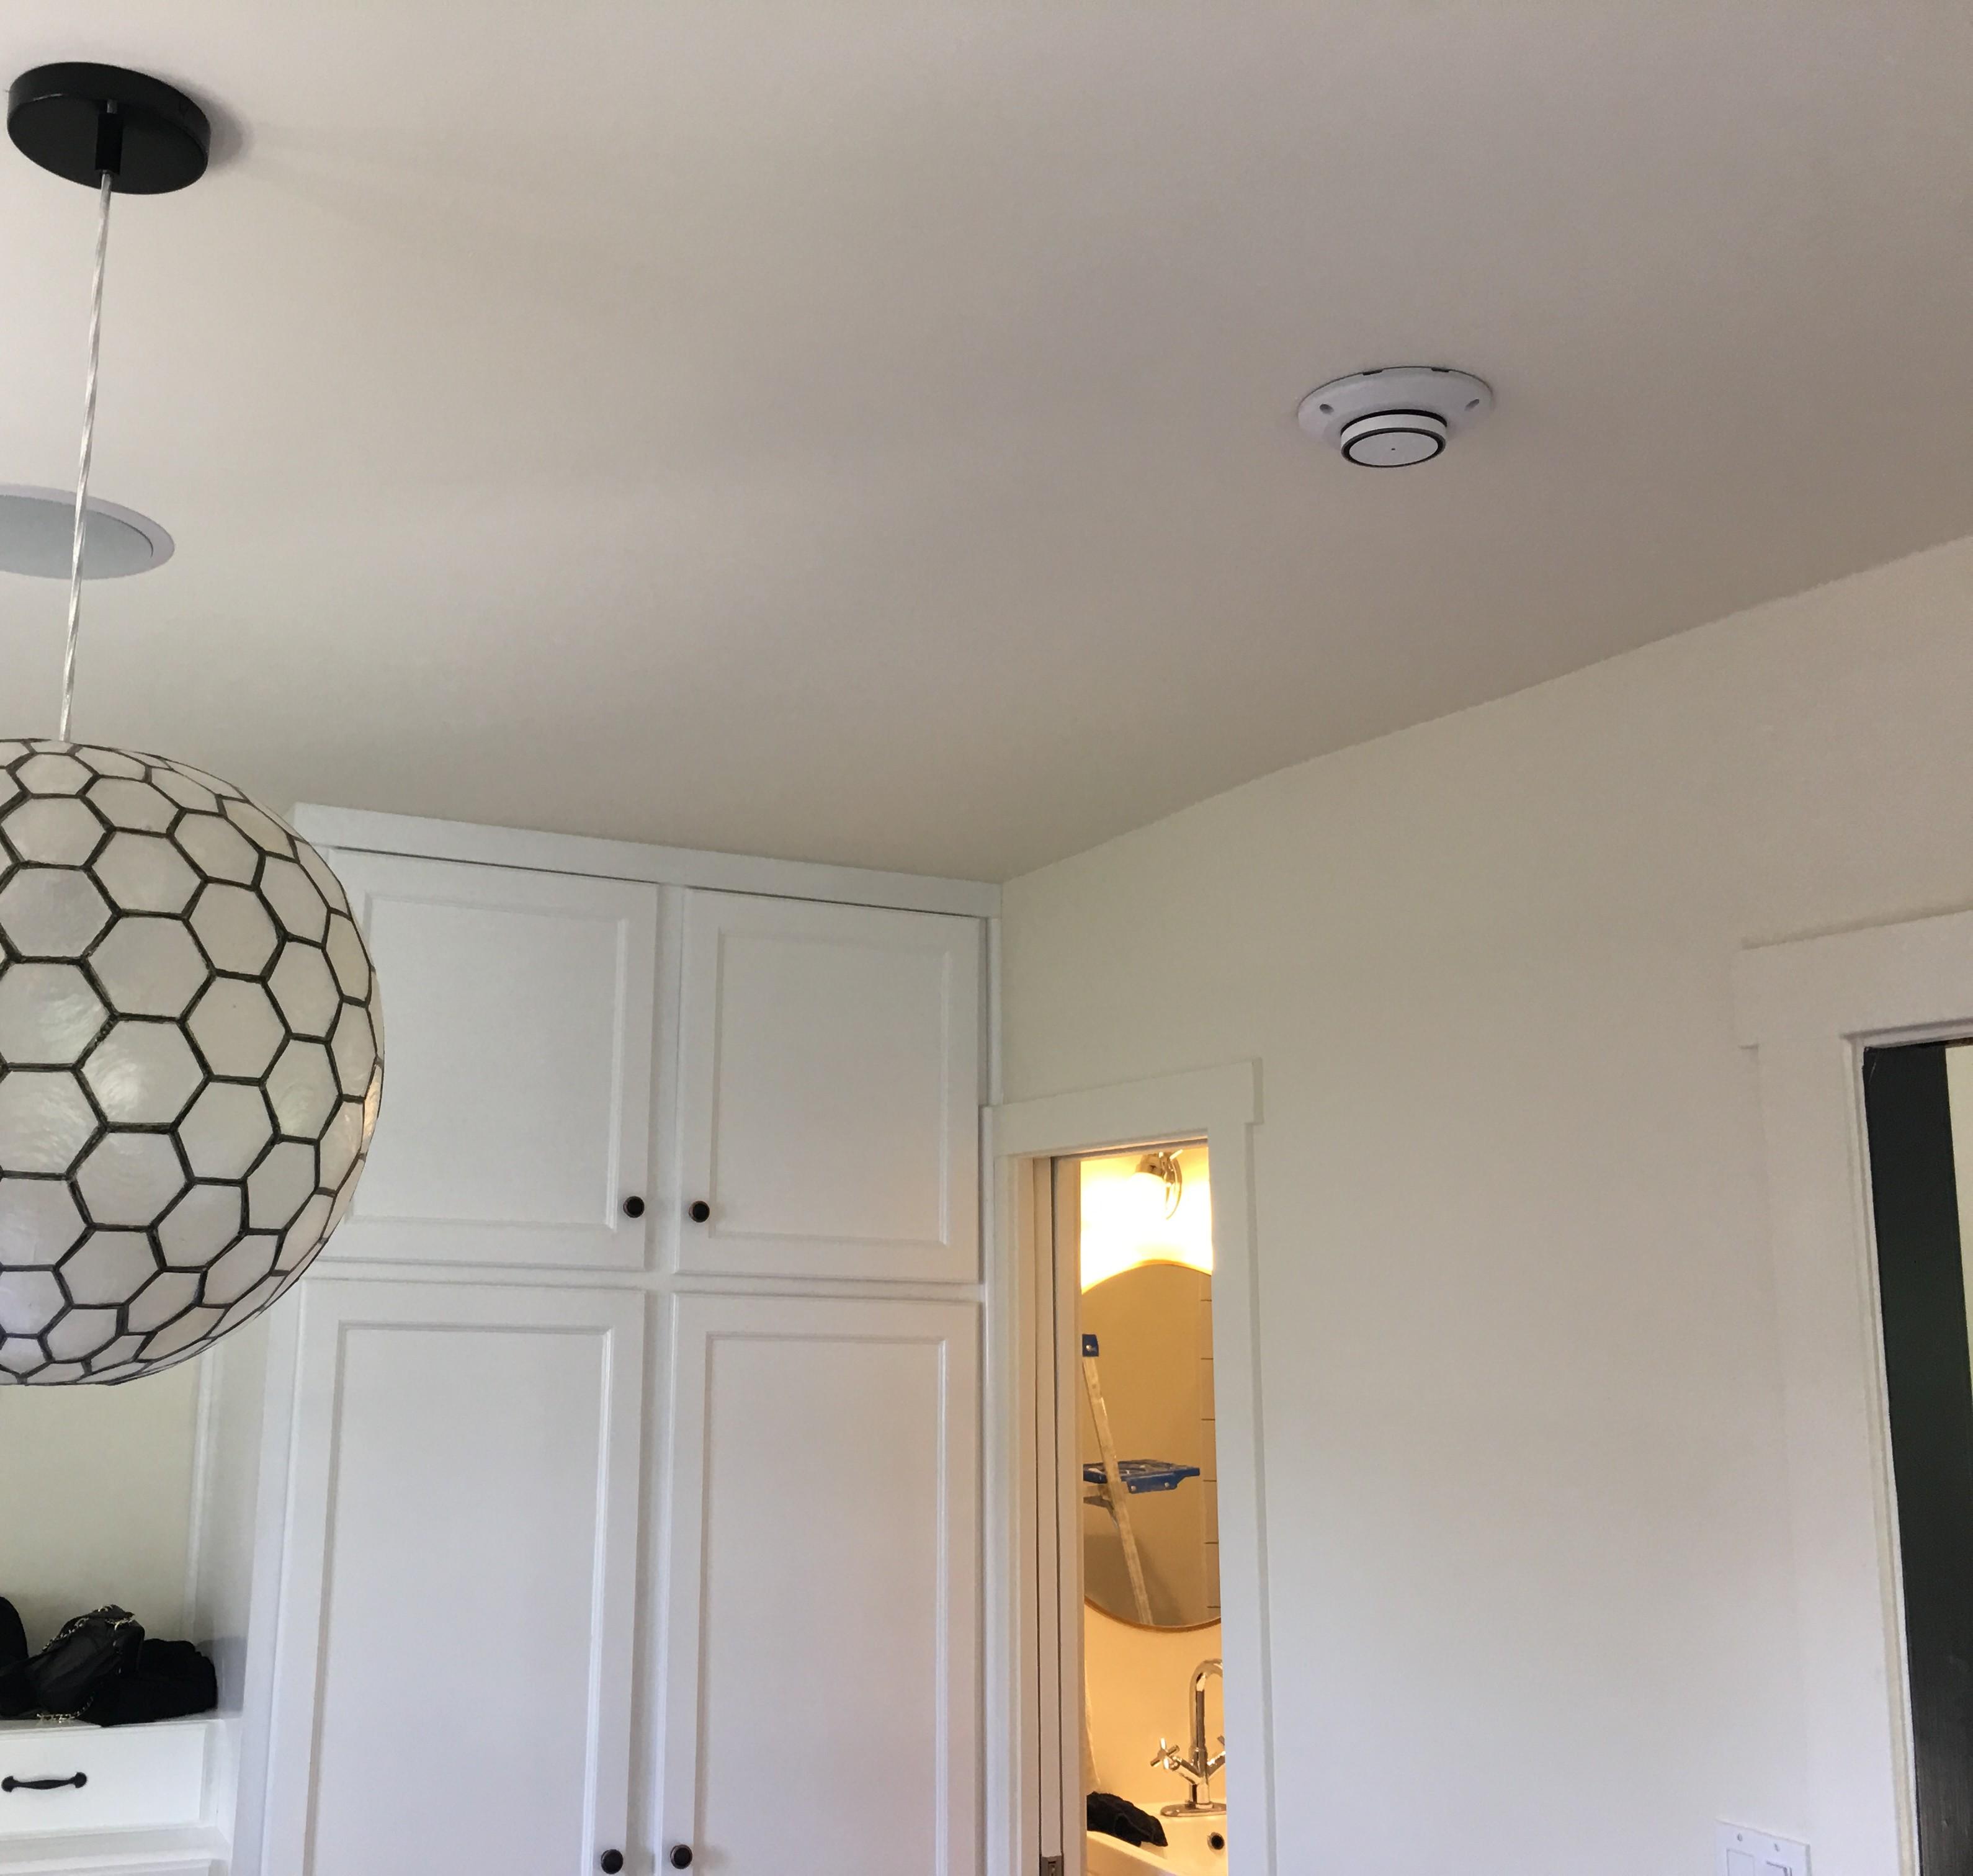 lampenkabel decke verstecken best kabel verstecken decke photos cablecup hide wei baldachin. Black Bedroom Furniture Sets. Home Design Ideas